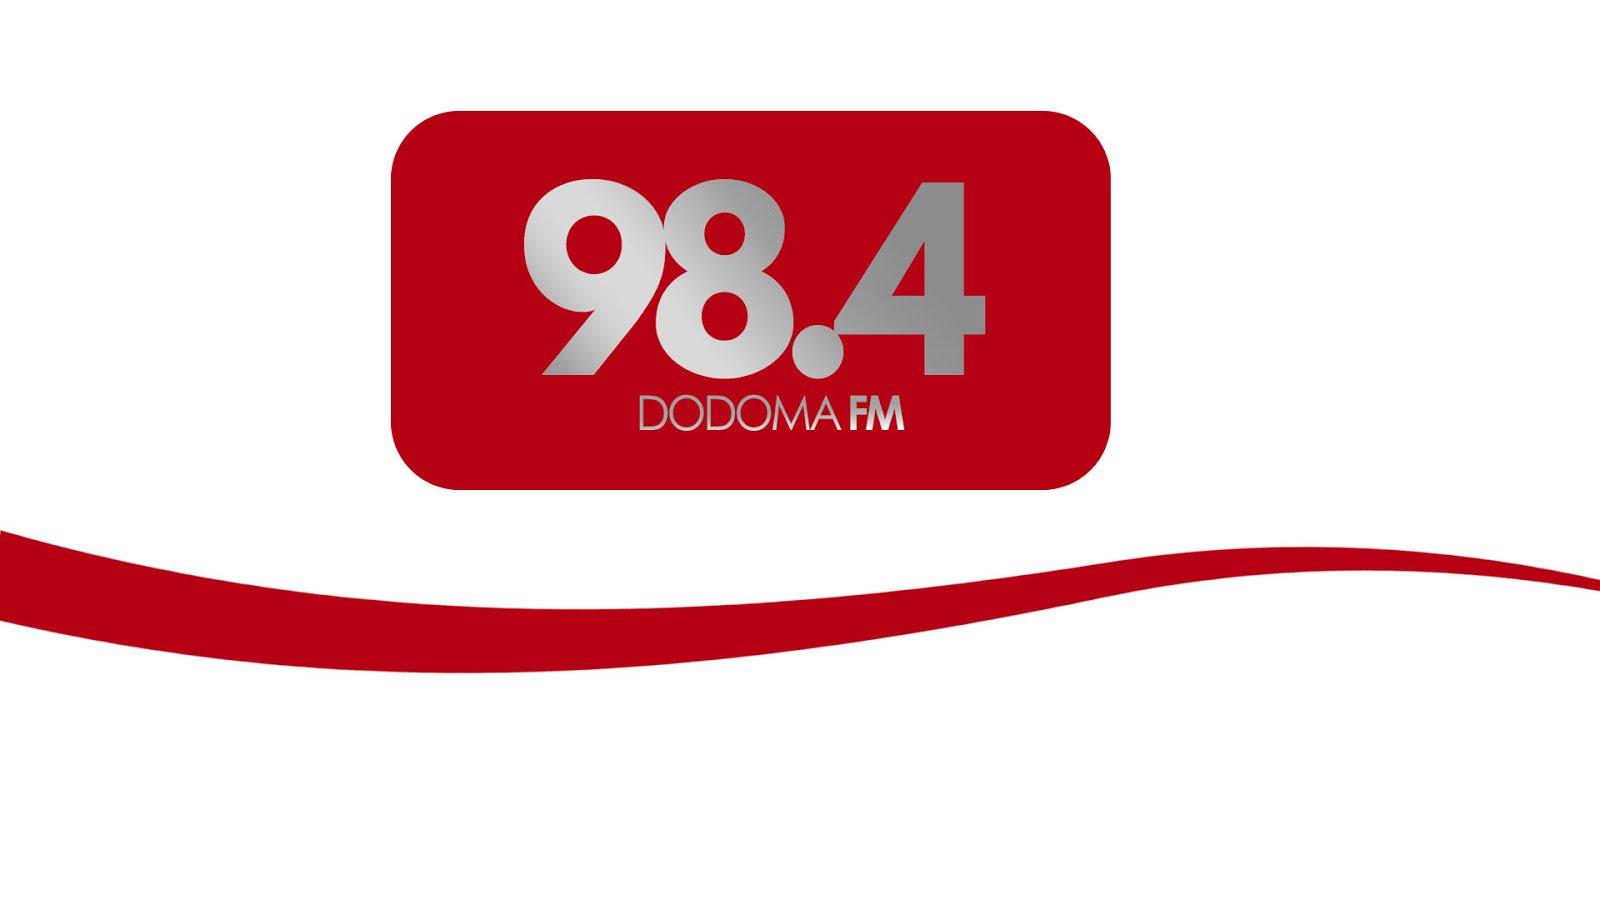 Dodoma Radio FM